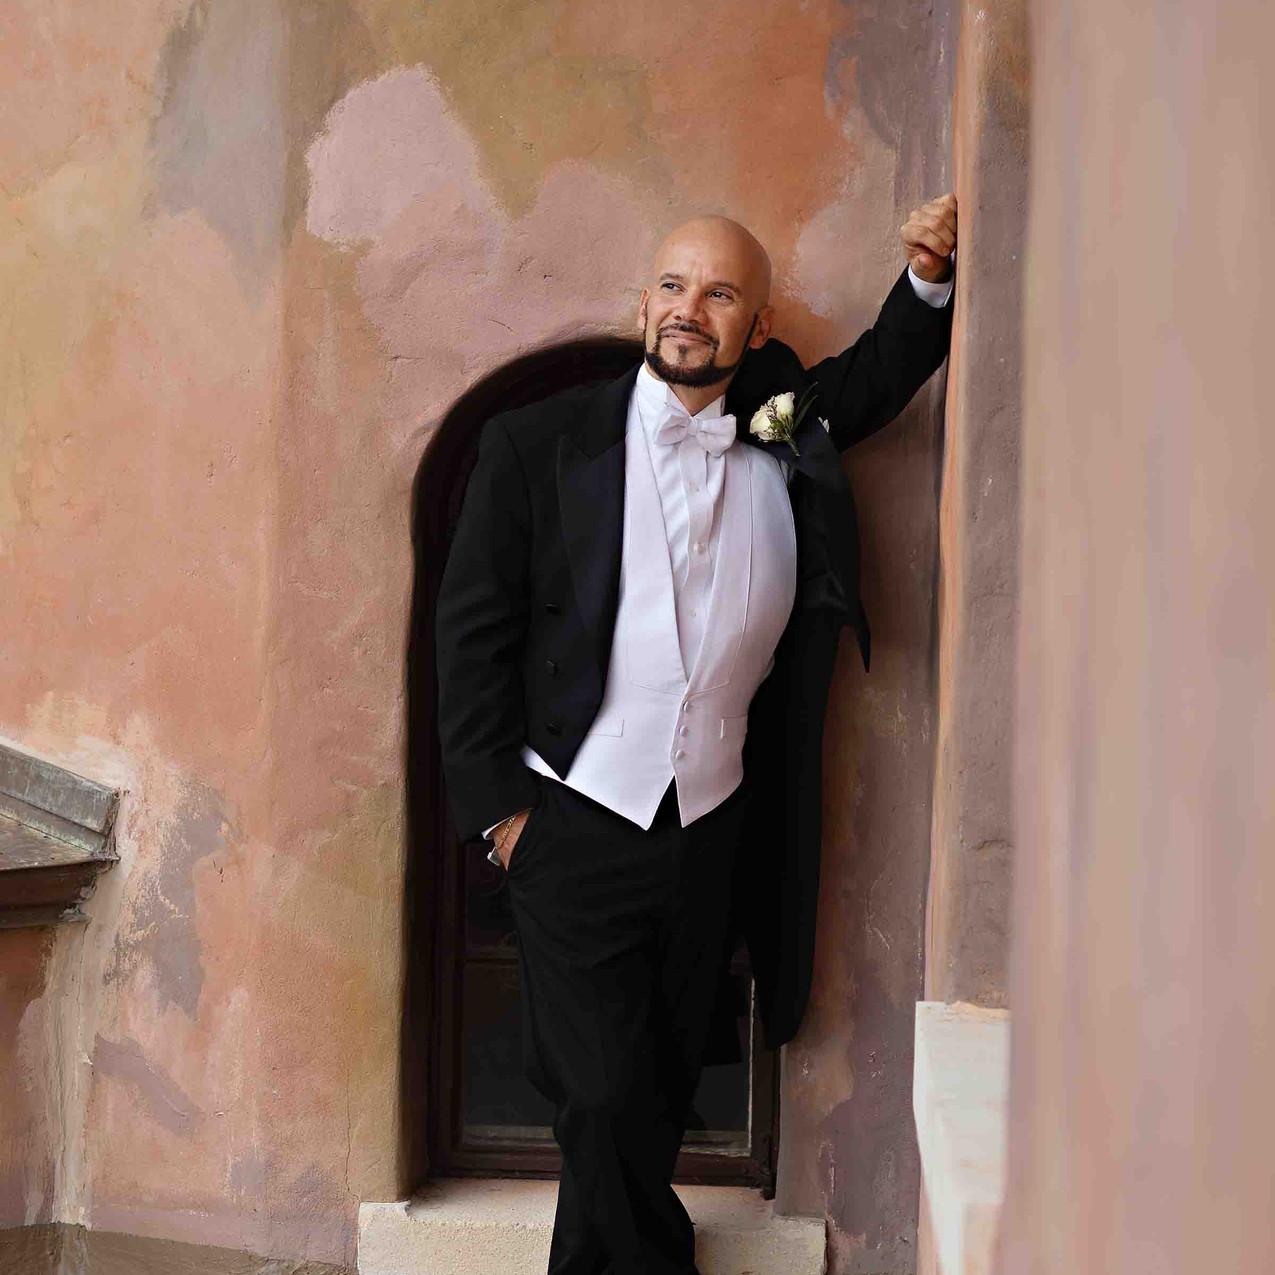 Top Notch groom!